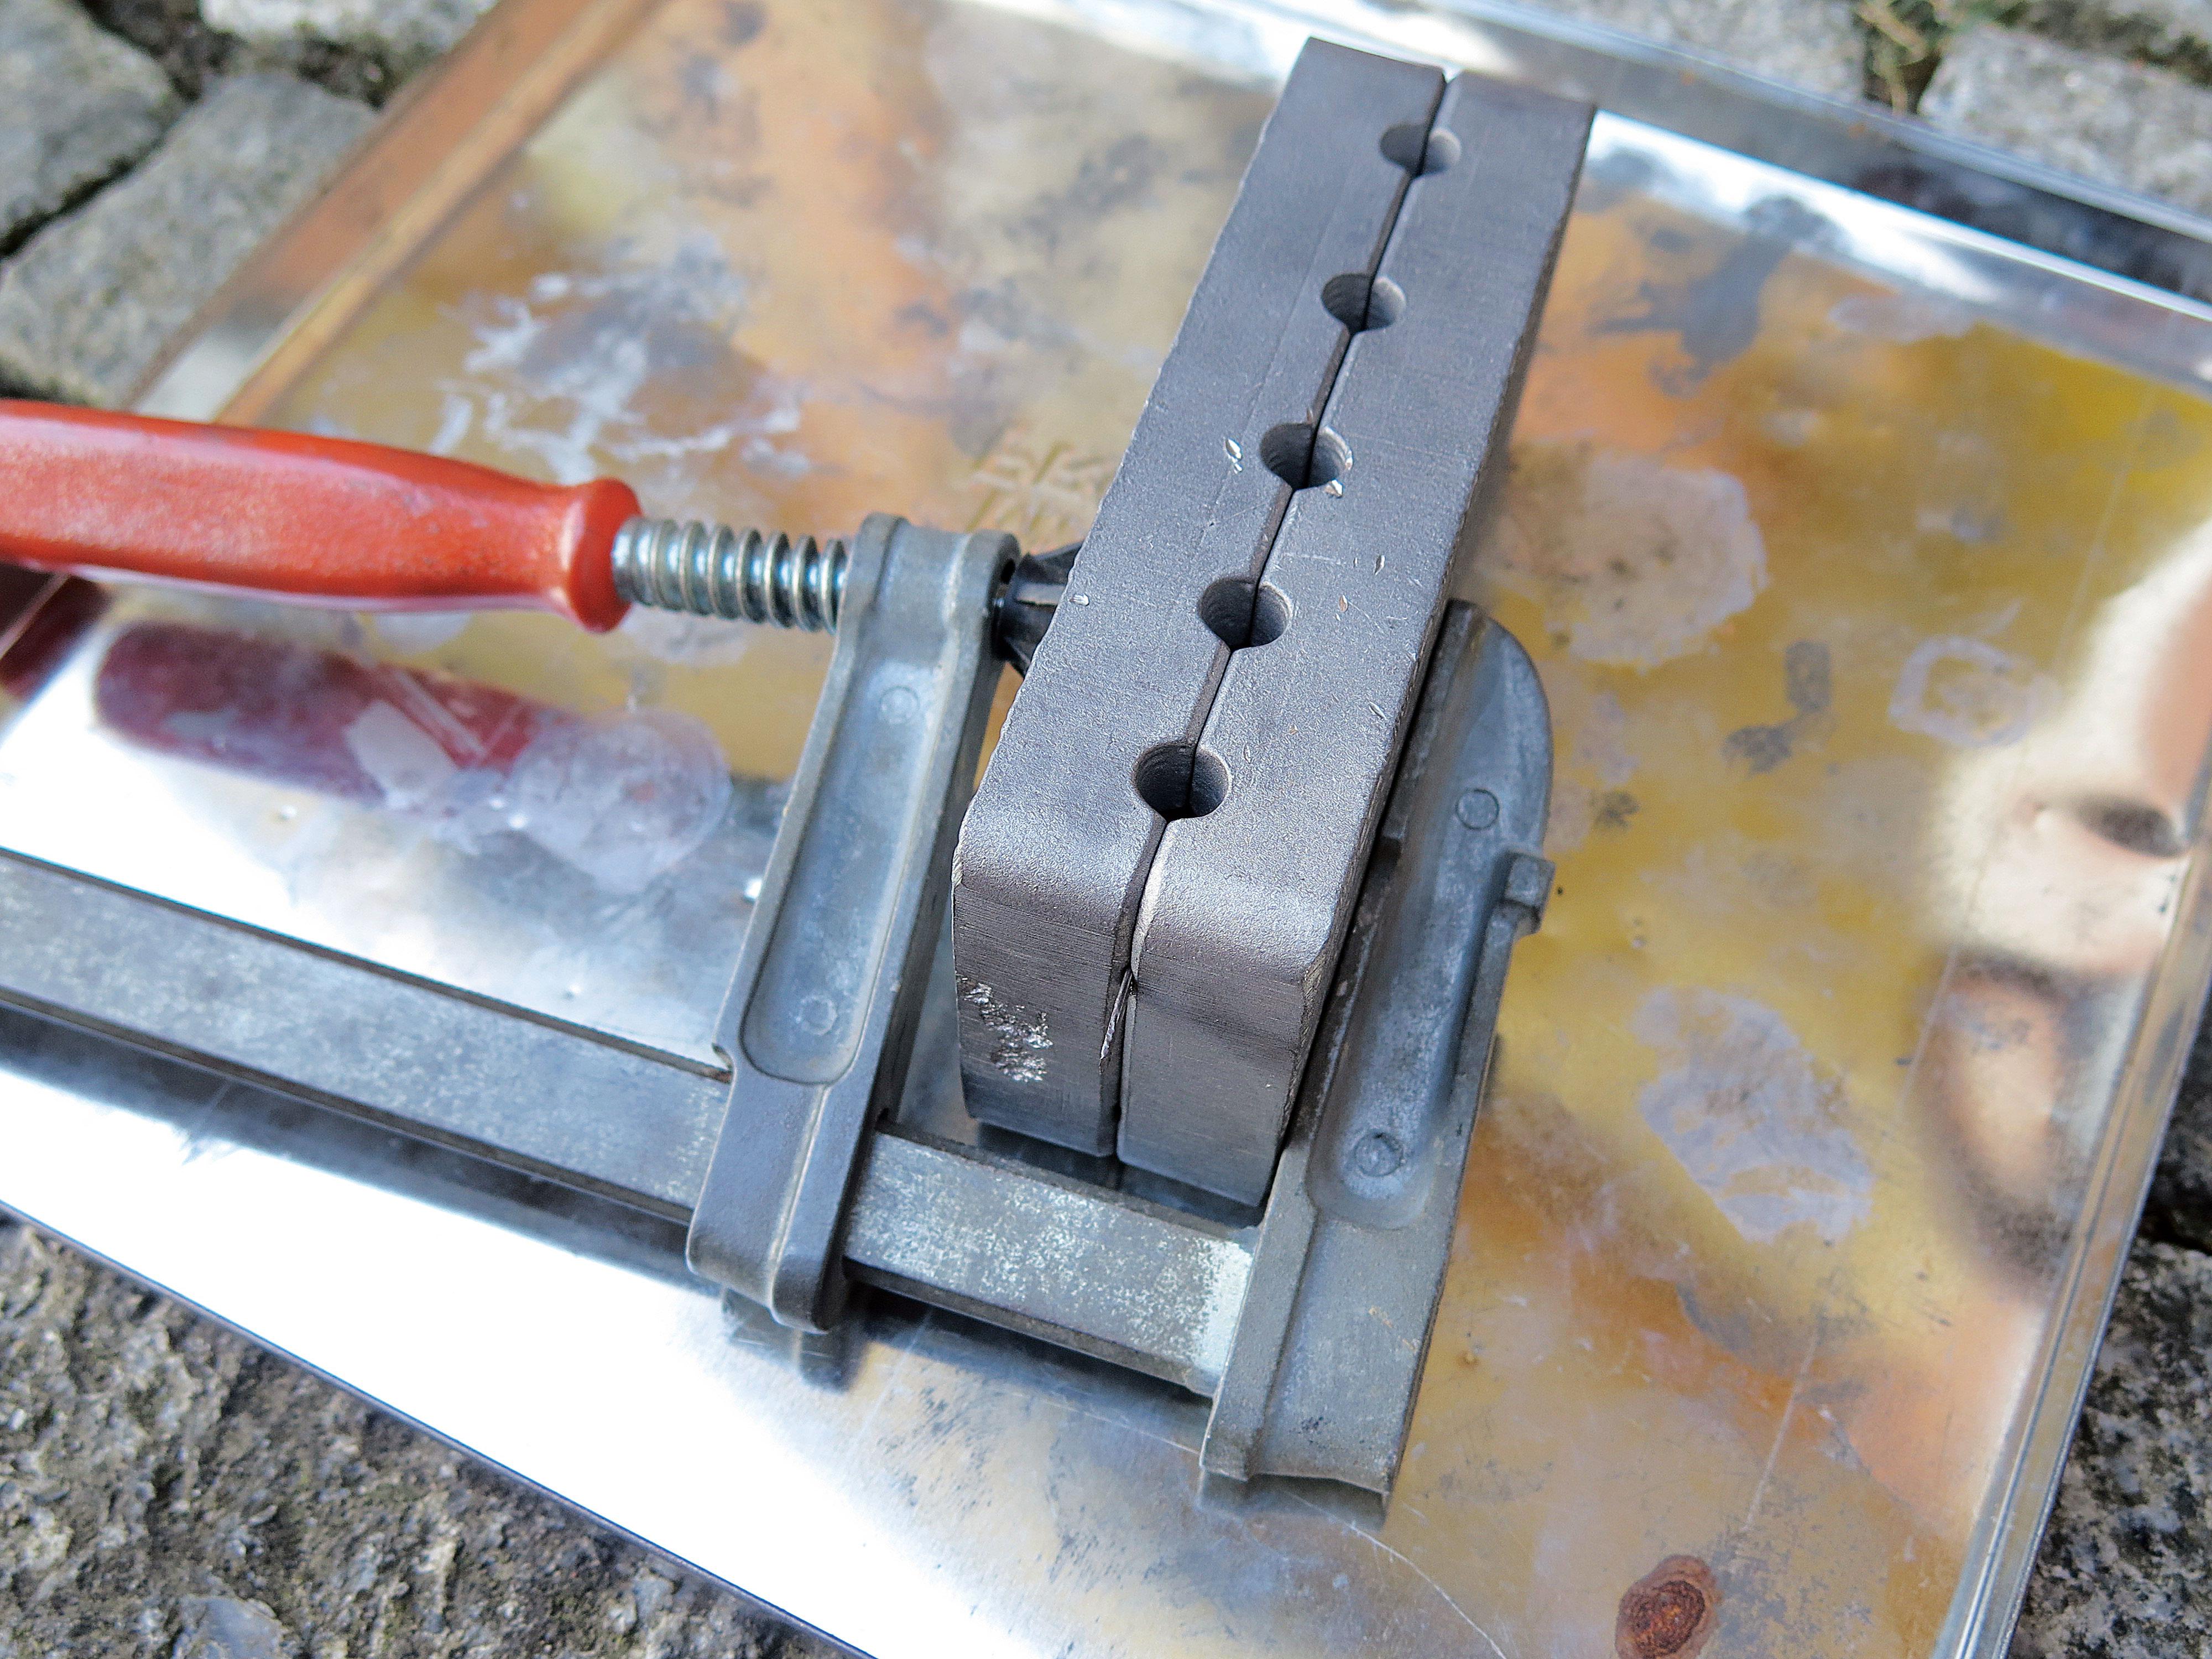 Vor dem Gießen wird die Form mit einer Schraubzwinge fixiert. Foto: AngelWoche/R.Schwarzer